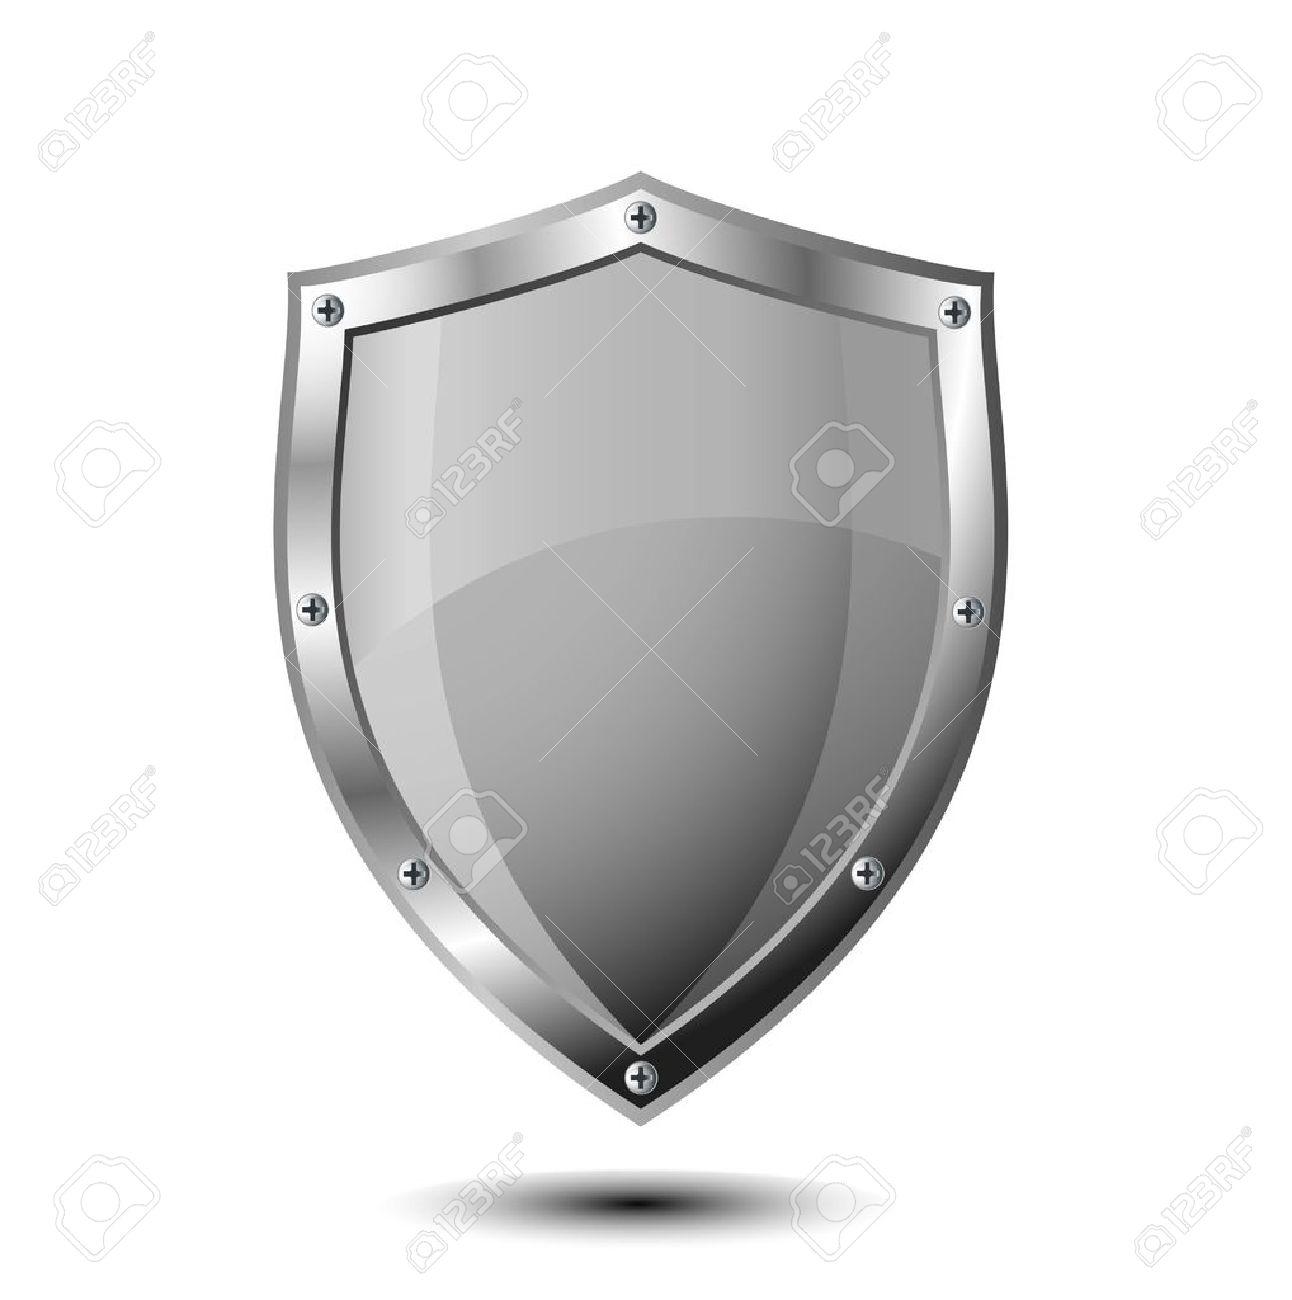 保護のための盾の図 ロイヤリテ...